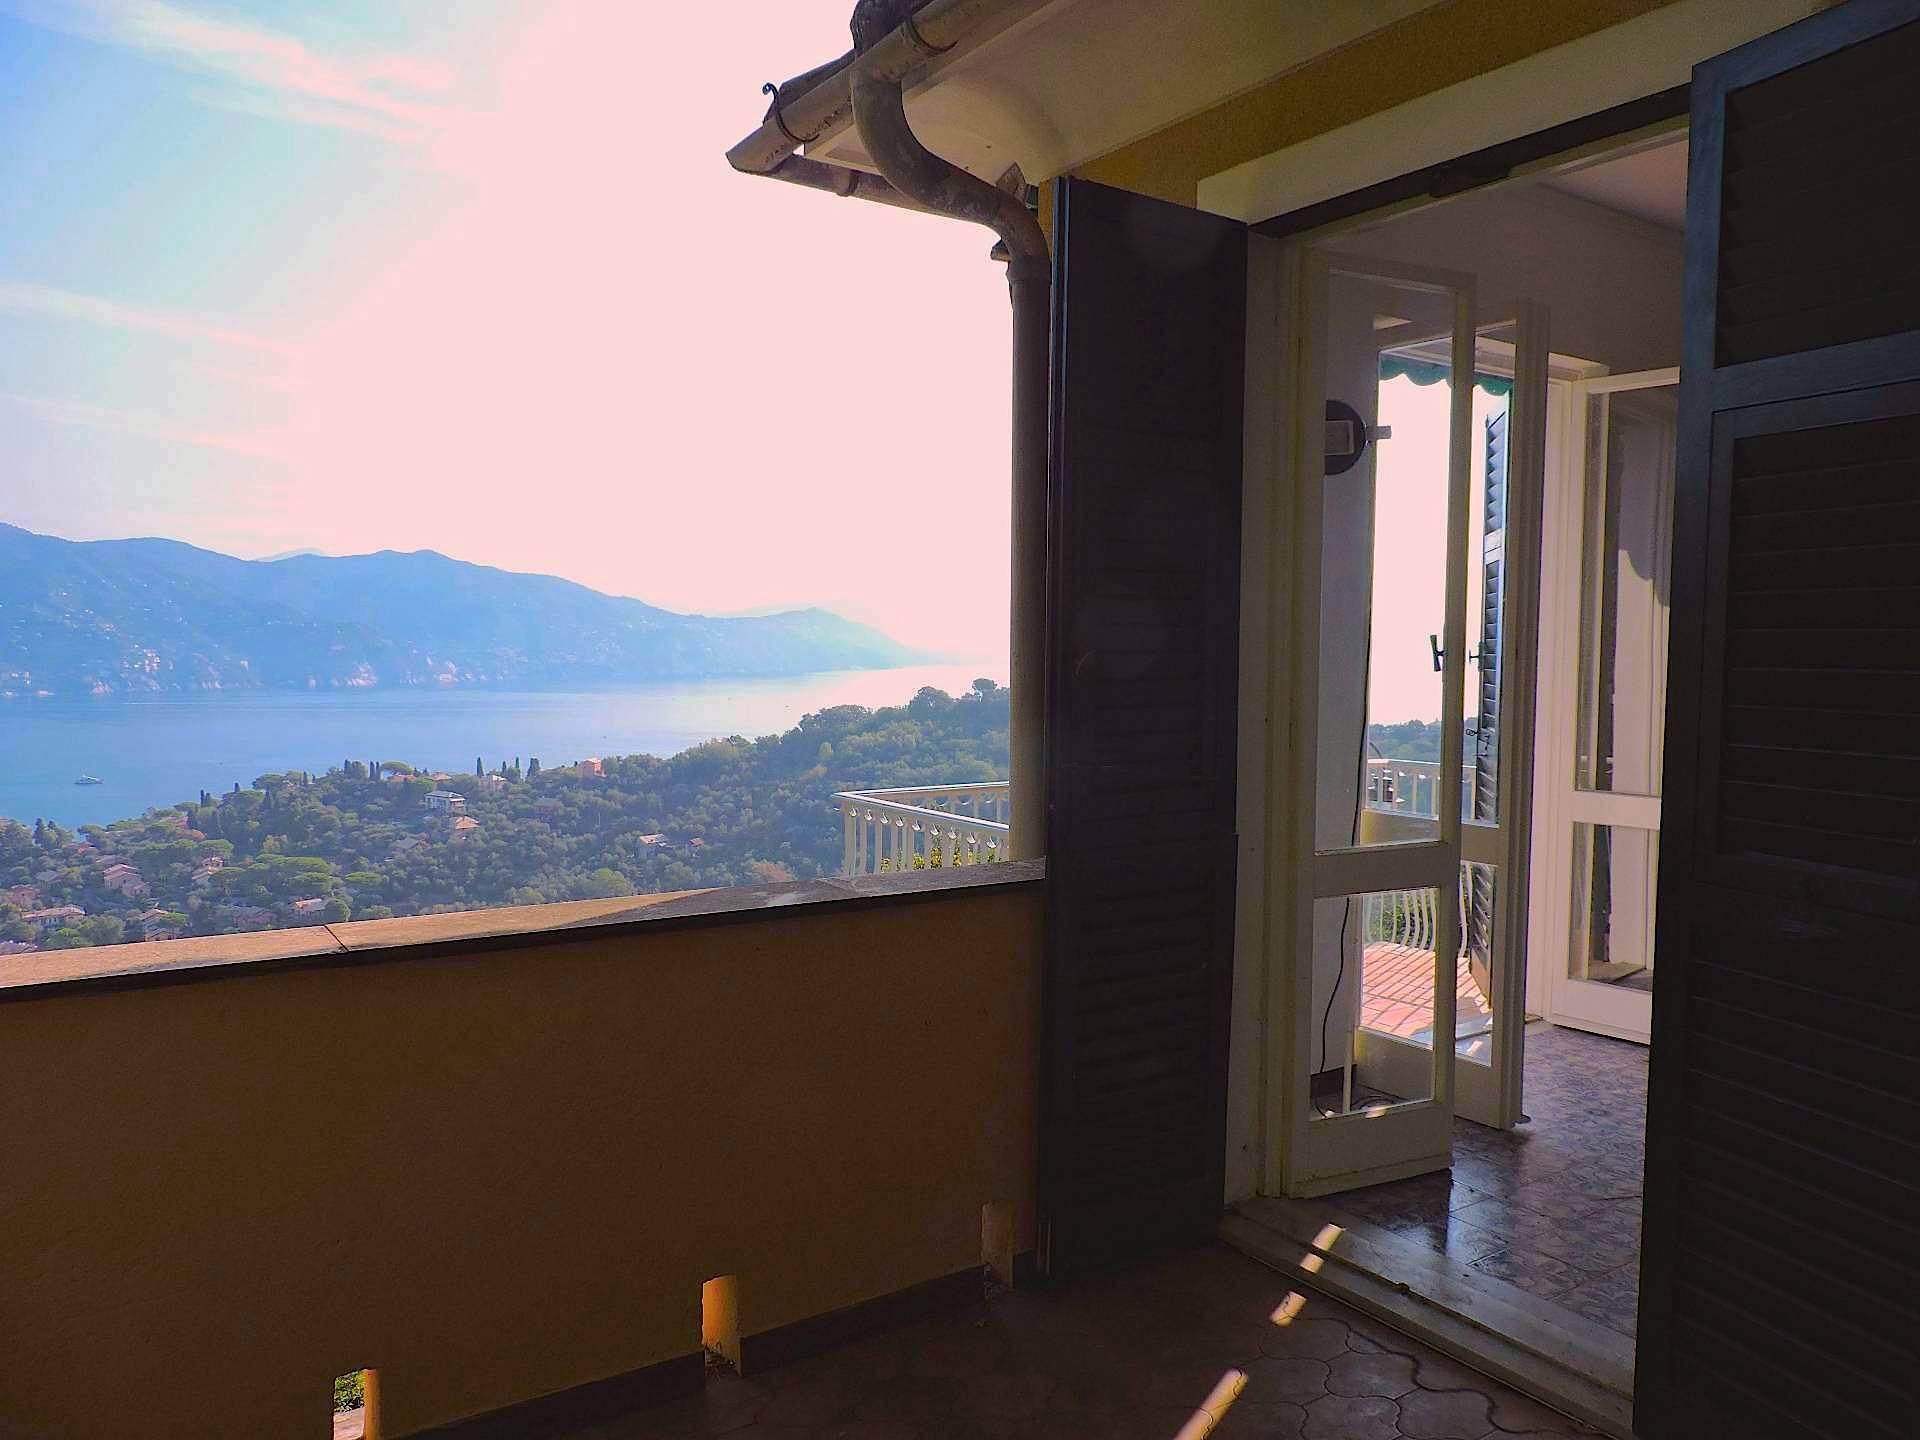 Appartamento in affitto a Santa Margherita Ligure, 4 locali, zona Zona: Nozarego, prezzo € 1.200 | CambioCasa.it